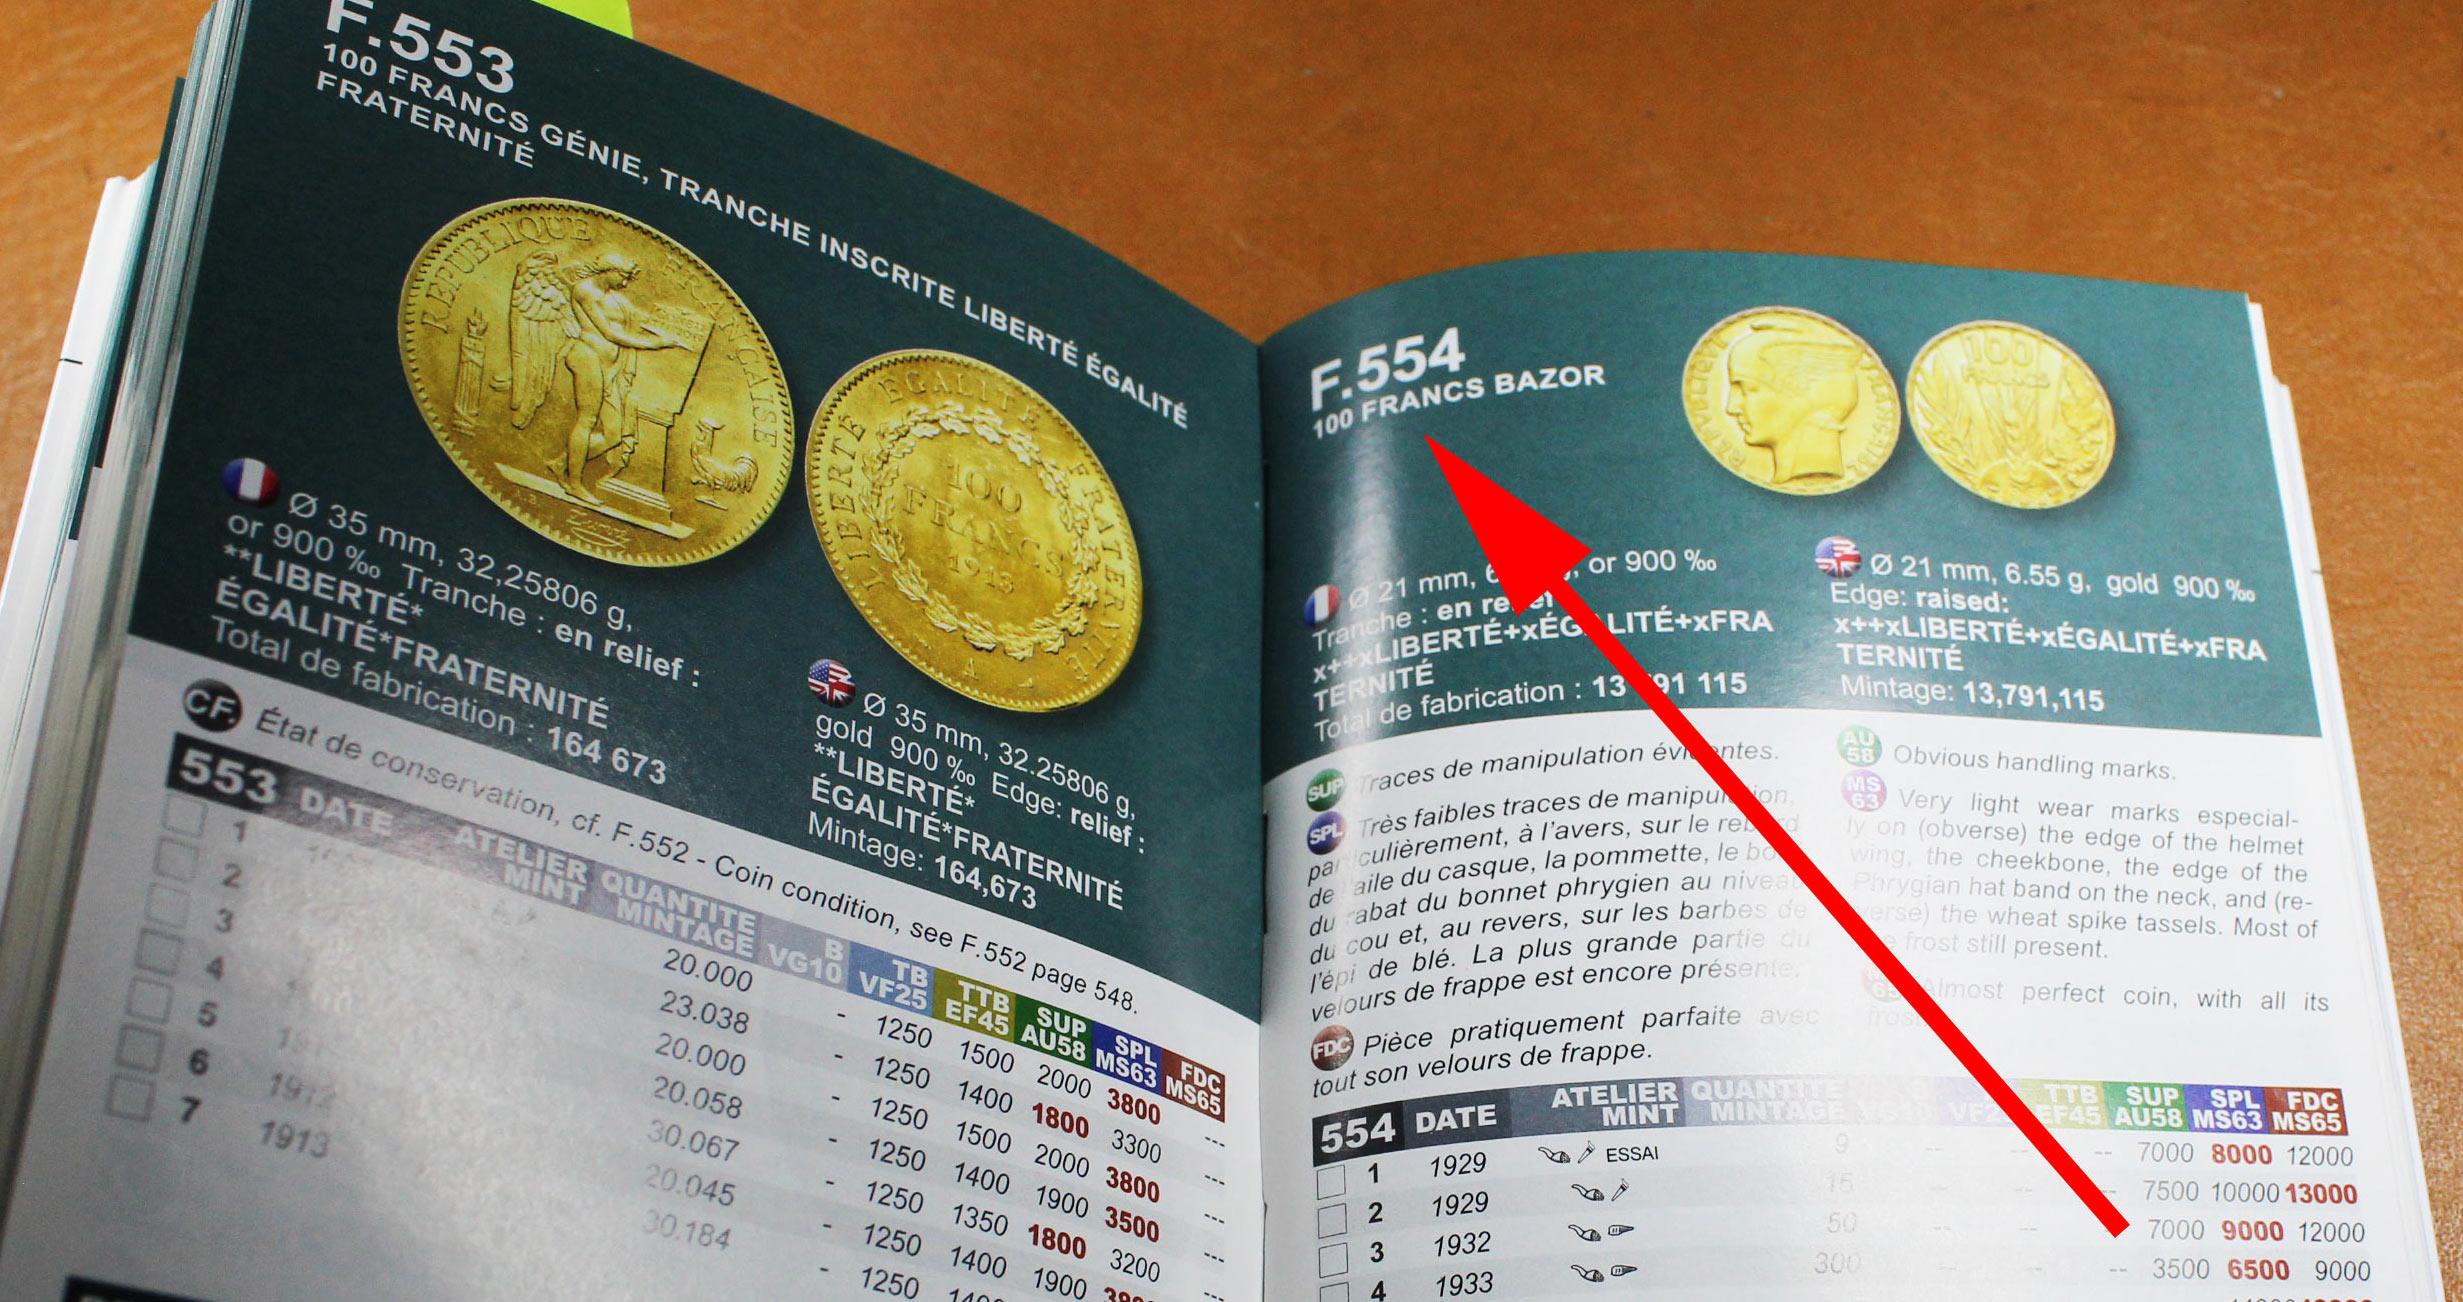 Le Catalogue Le Franc Répertorie pas moins de 554 types de pièces en franc...